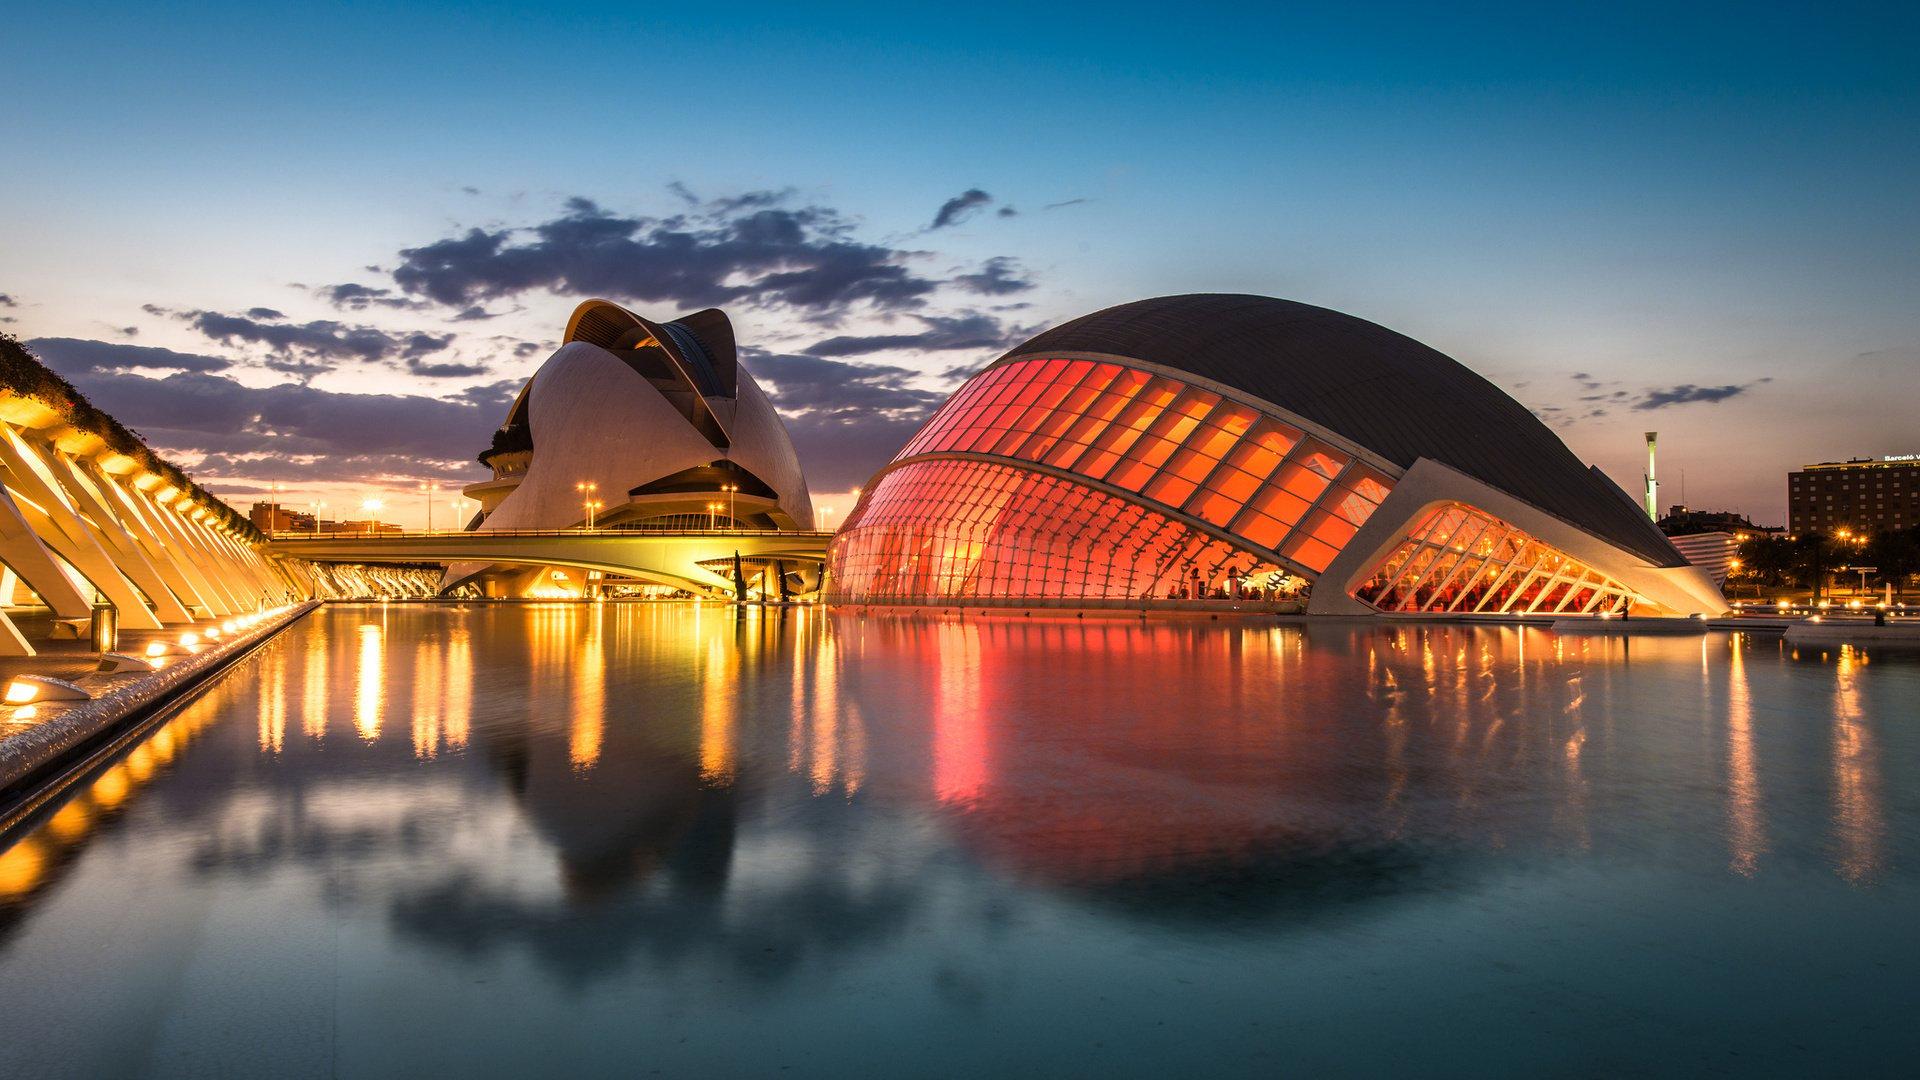 HD Wallpapers Spain - WallpaperSafari